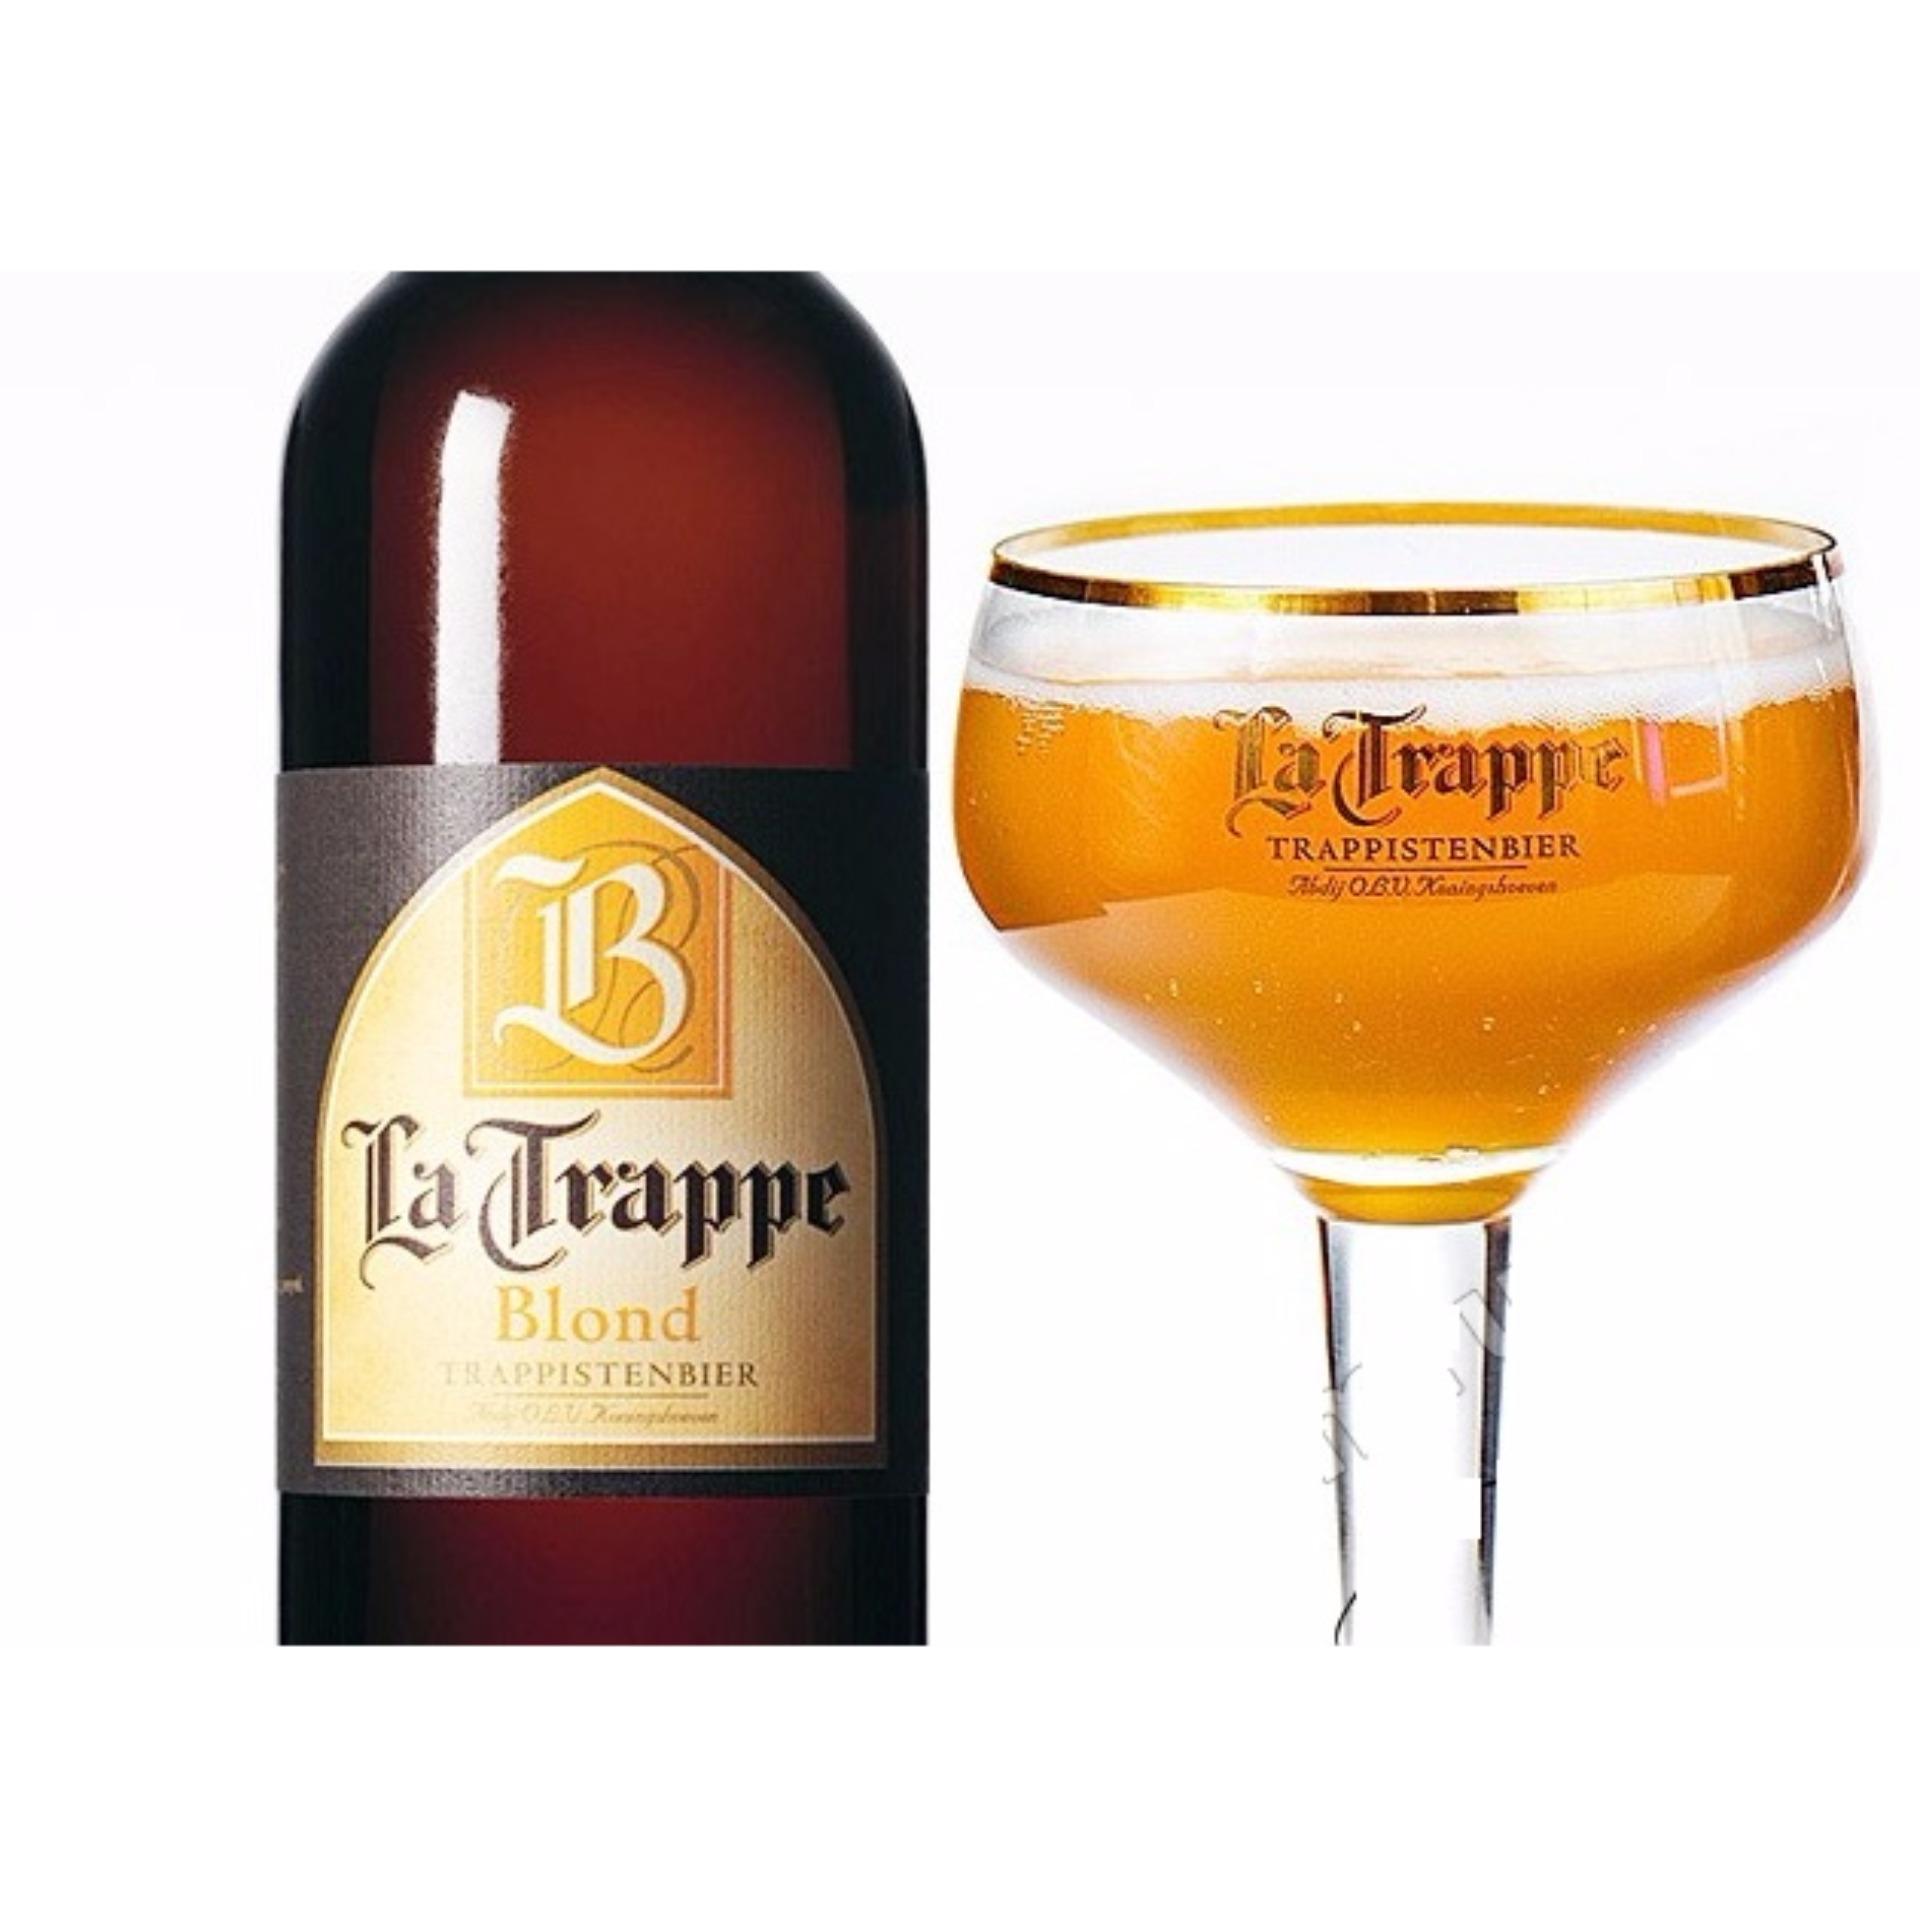 Địa Chỉ Bán Bia La Trappe Blond 6 Chai 750ml – La Trappe Blond Beer – Holland Beer – Netherlands Beer – Bia La Hà Lan Trappe Blon